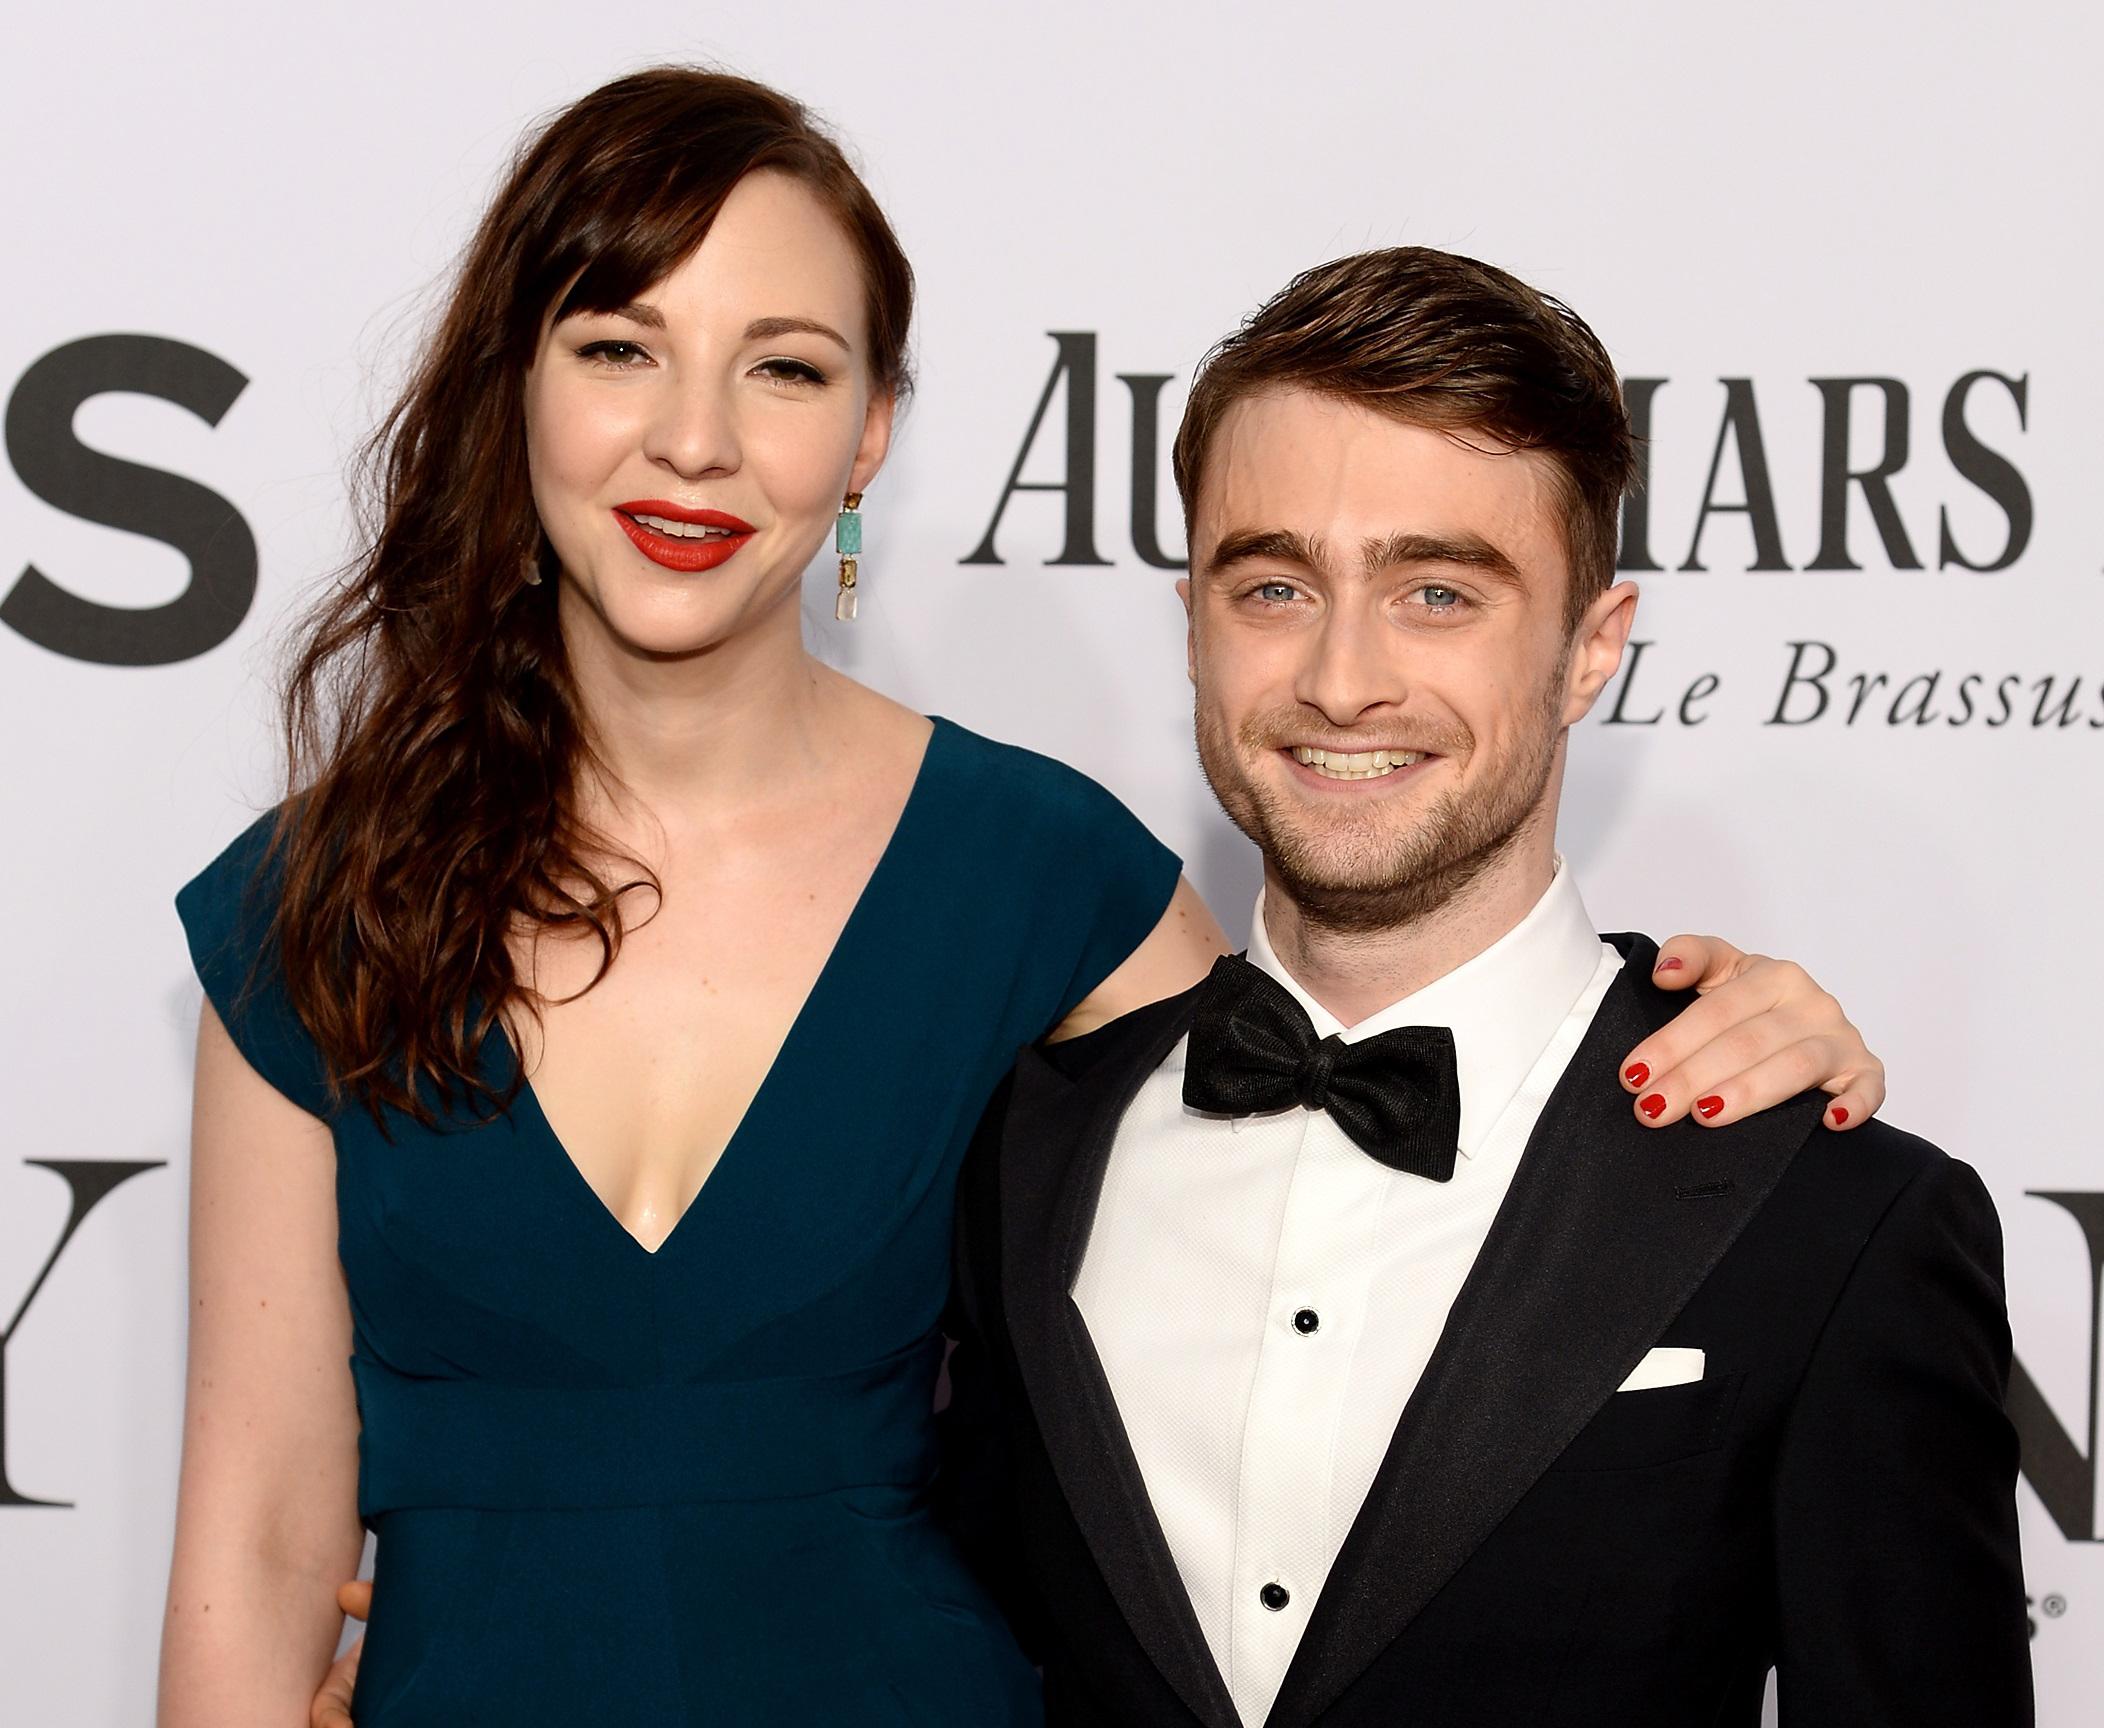 Harry og Taylor dating igjen Gratis Dating Sites ingen avgifter noensinne